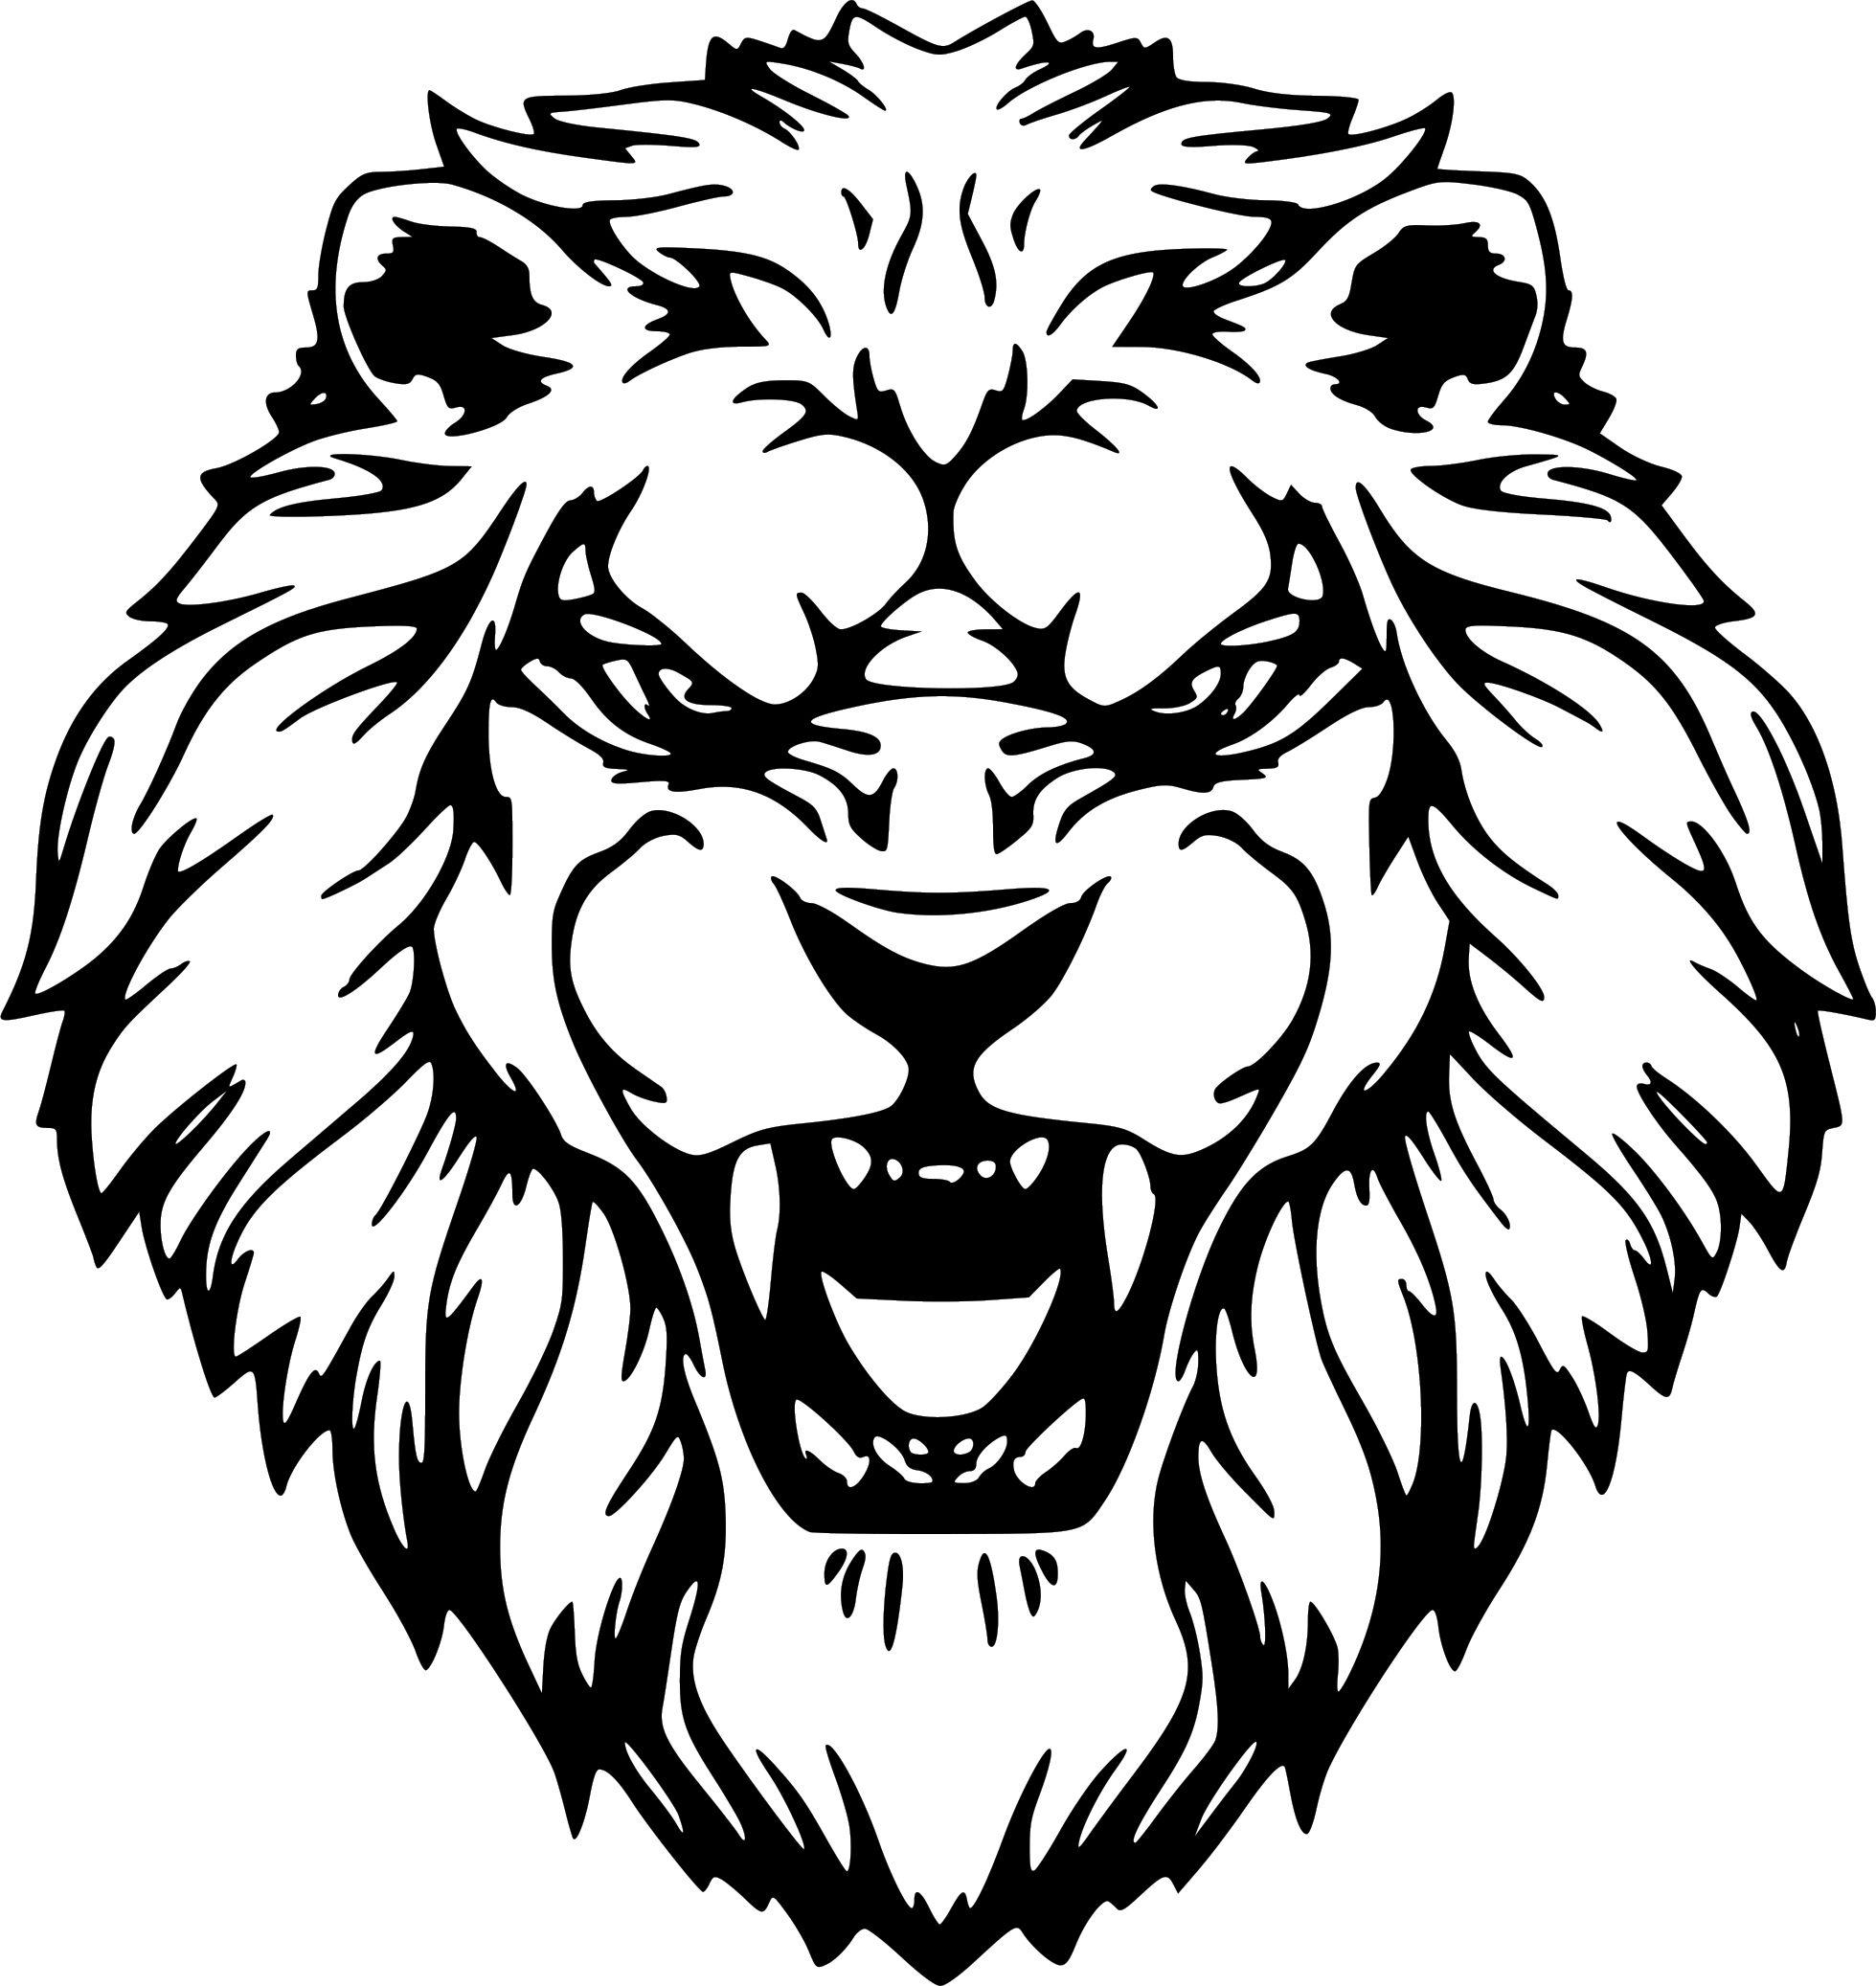 Lion Head Art Ferocious Roar Decal Car Truck Wall Window